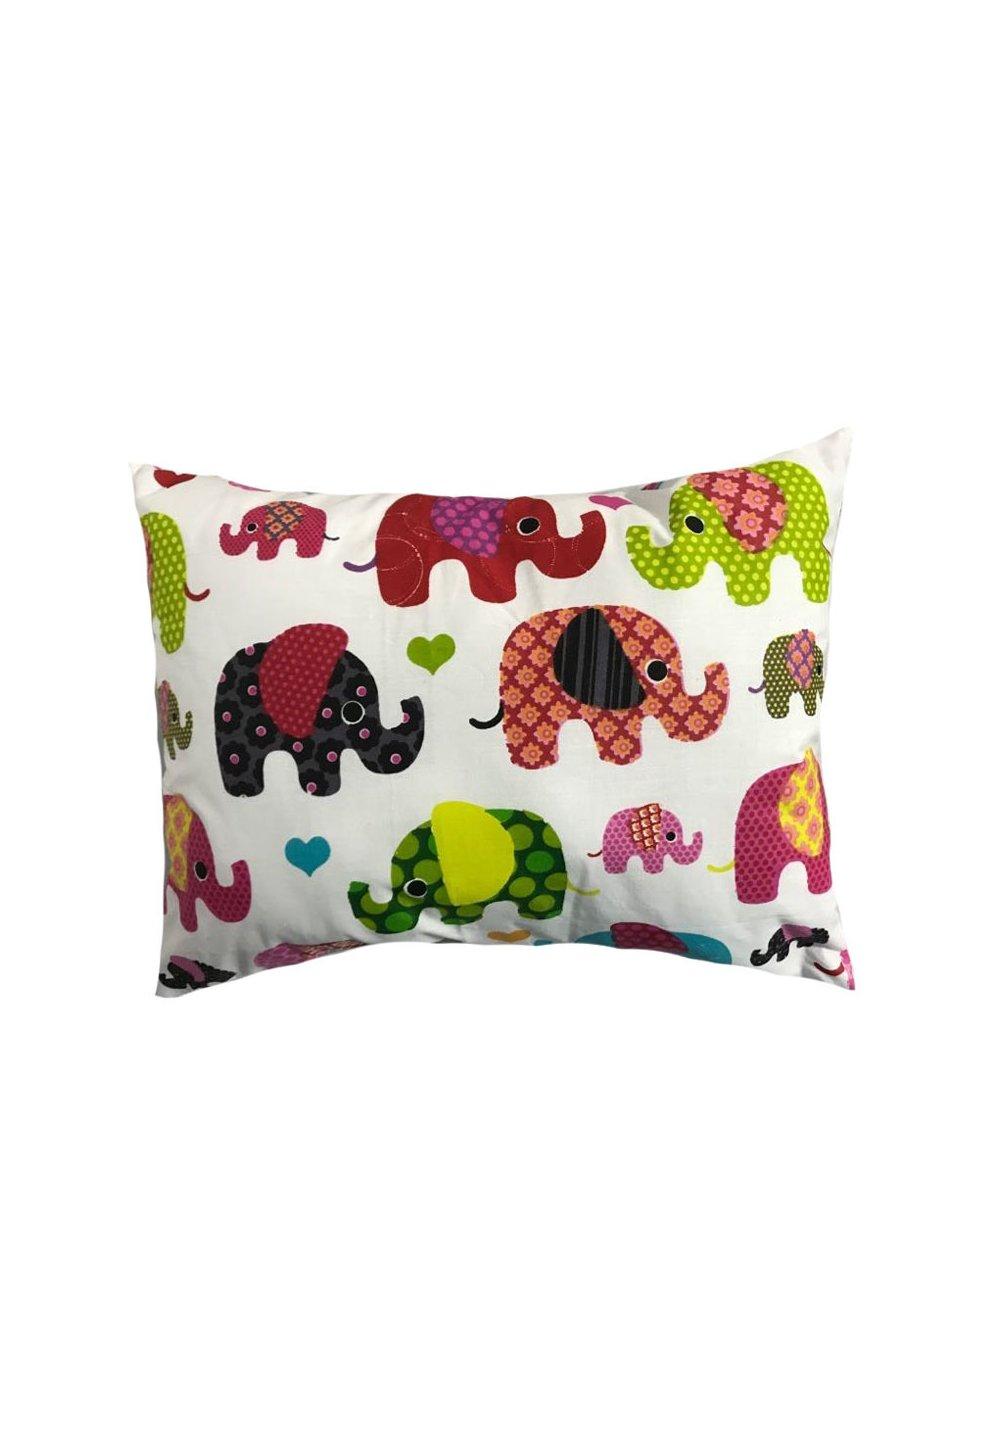 Perna, elefantei, roz, 30x40cm imagine